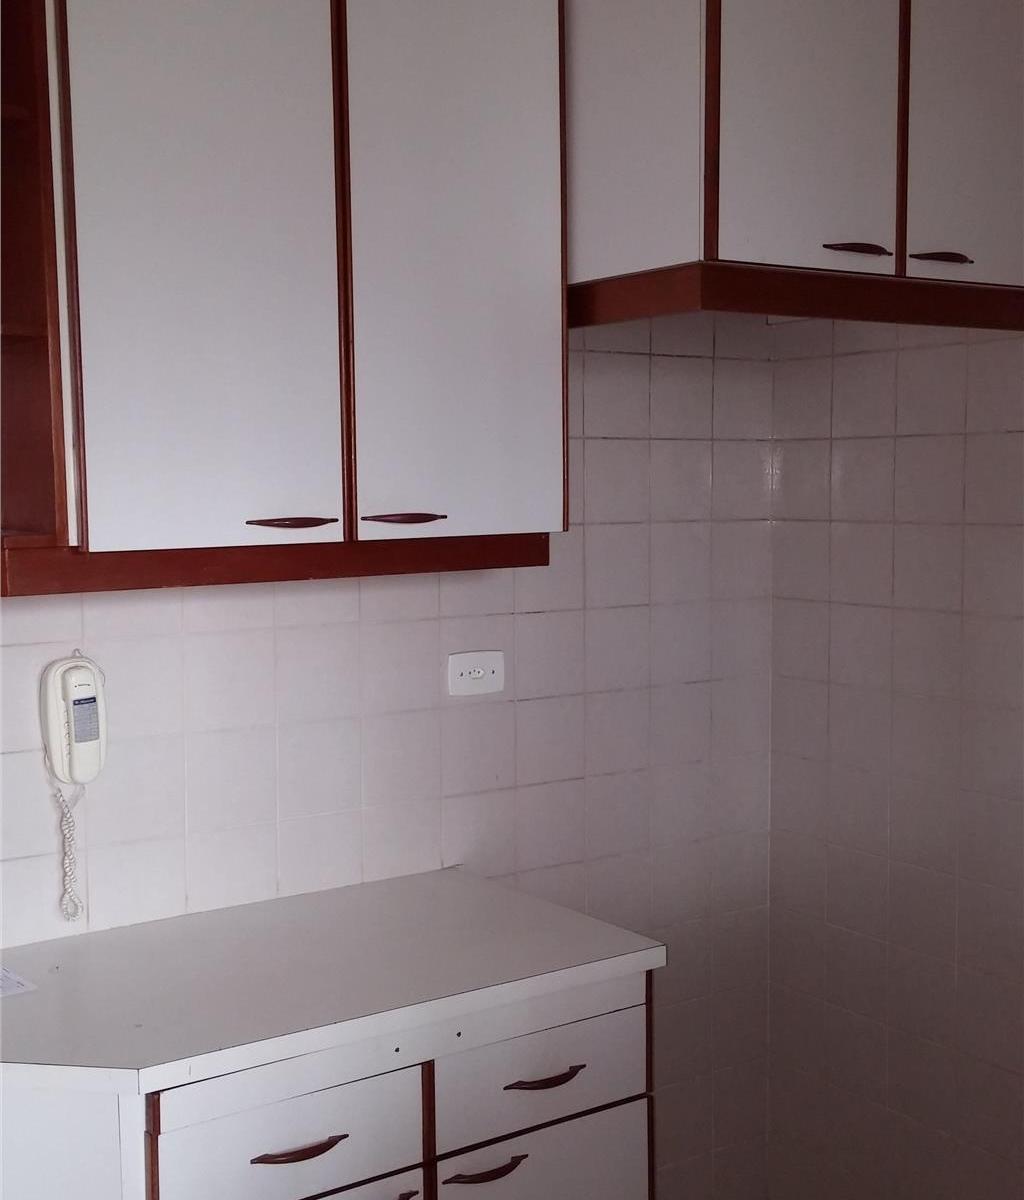 Apartamento para aluguel com 2 Quartos Tatuapé São Paulo R$ 1  #412726 1024 1200